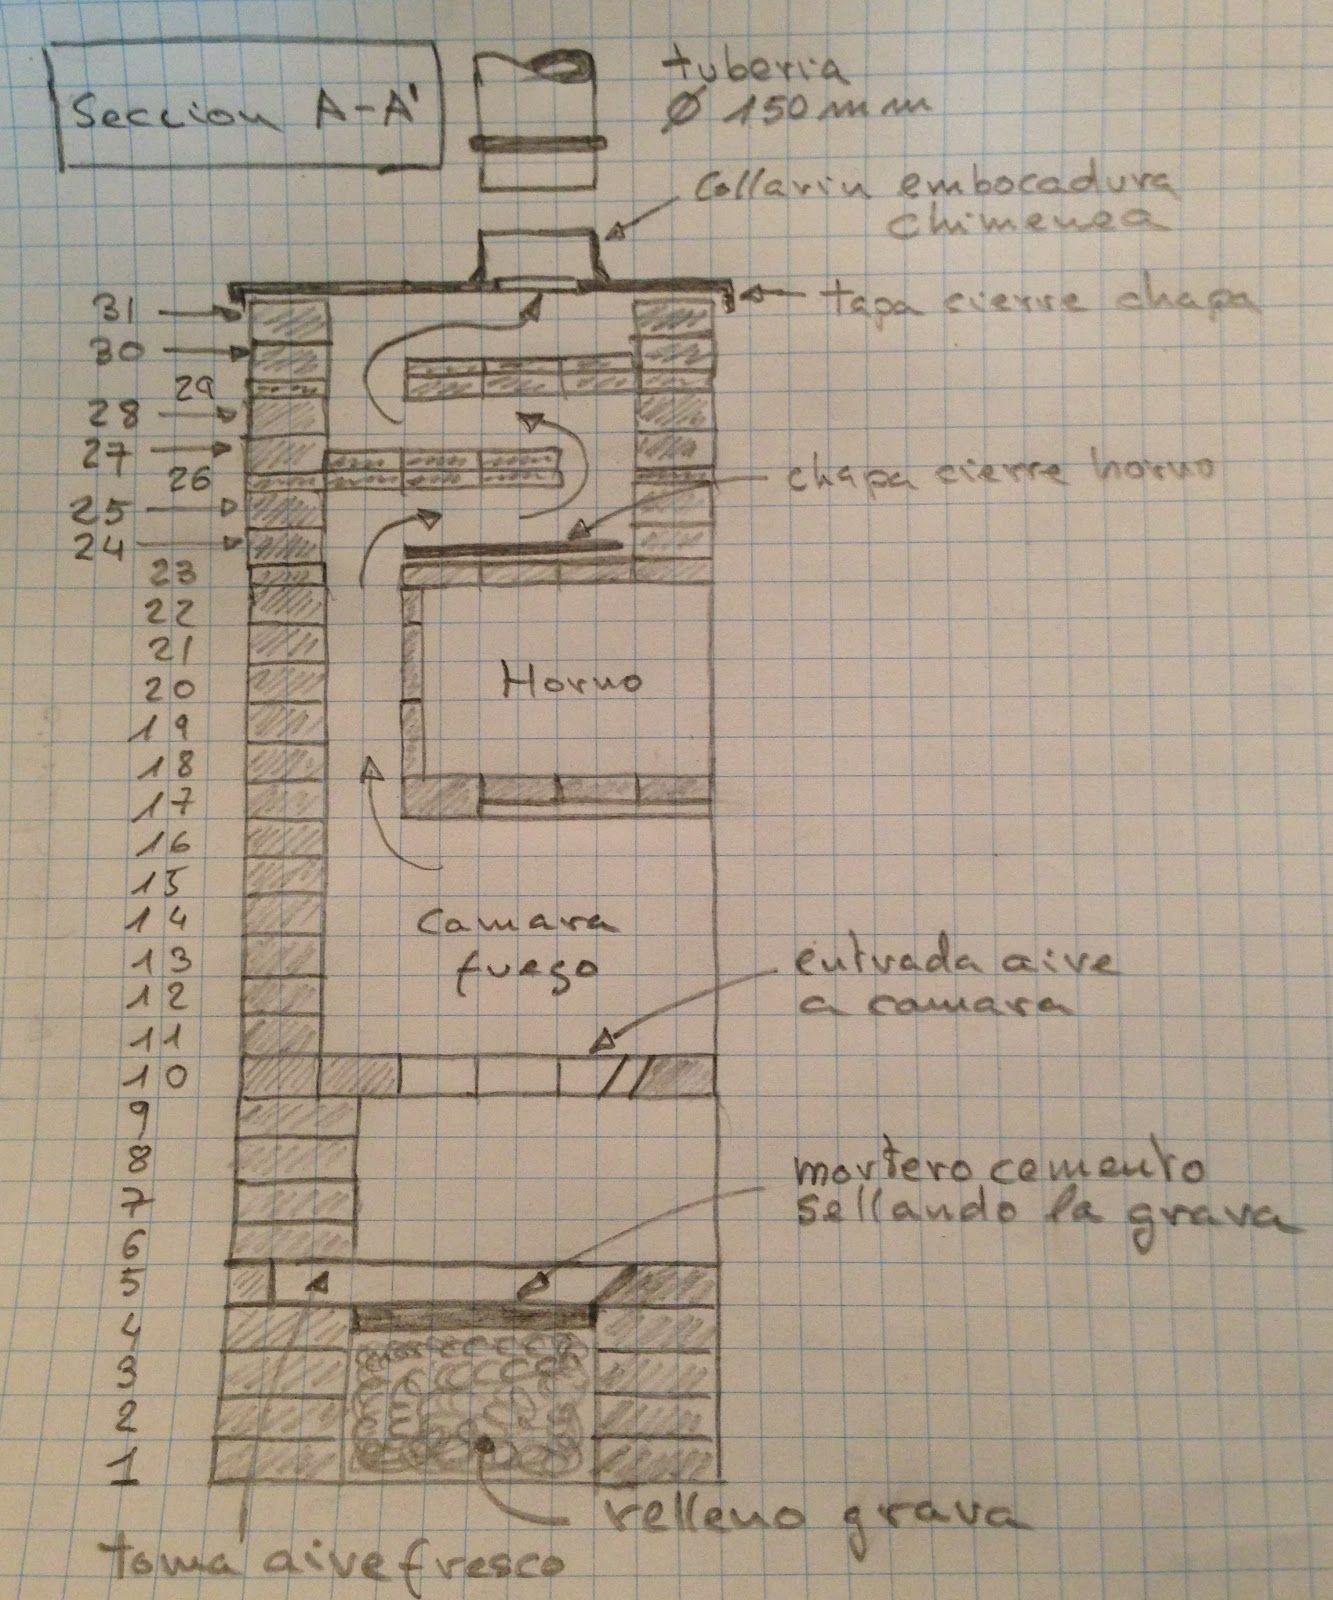 Plano de estufa rusa con horno buscar con google for Construccion de chimeneas de lena